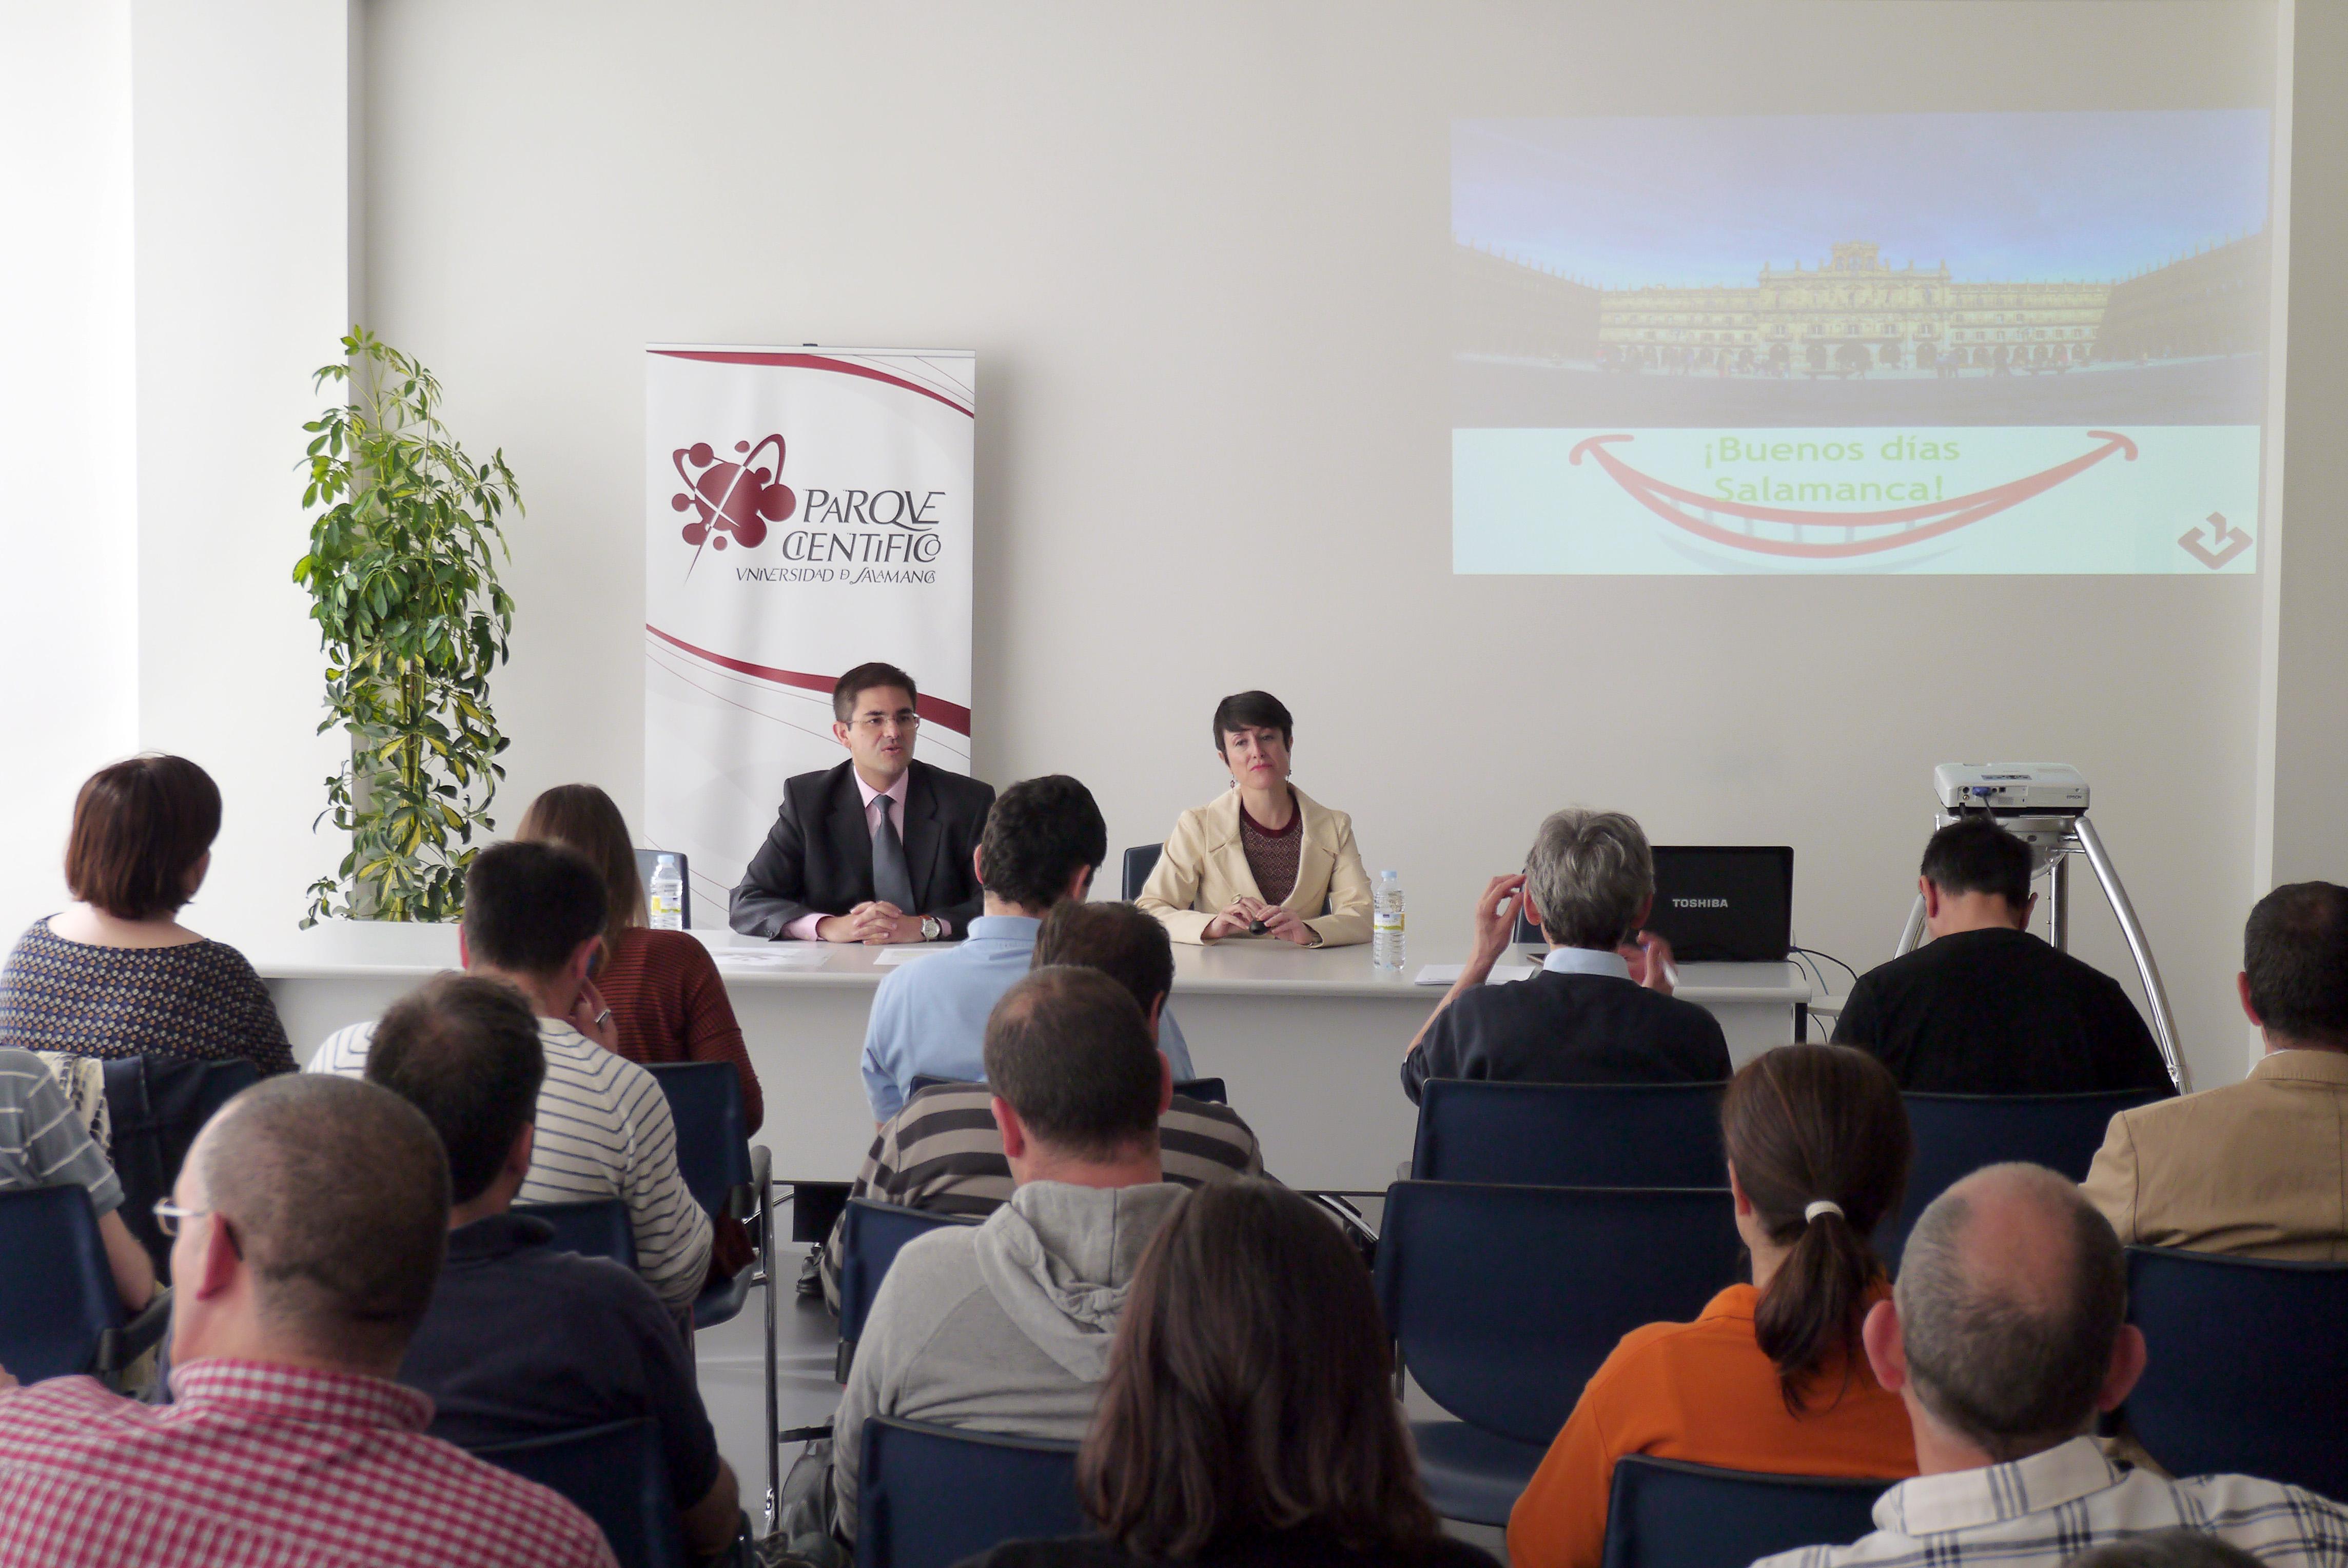 El Parque Científico de la Universidad de Salamanca desarrolla una jornada sobre liderazgo y seguridad en salud